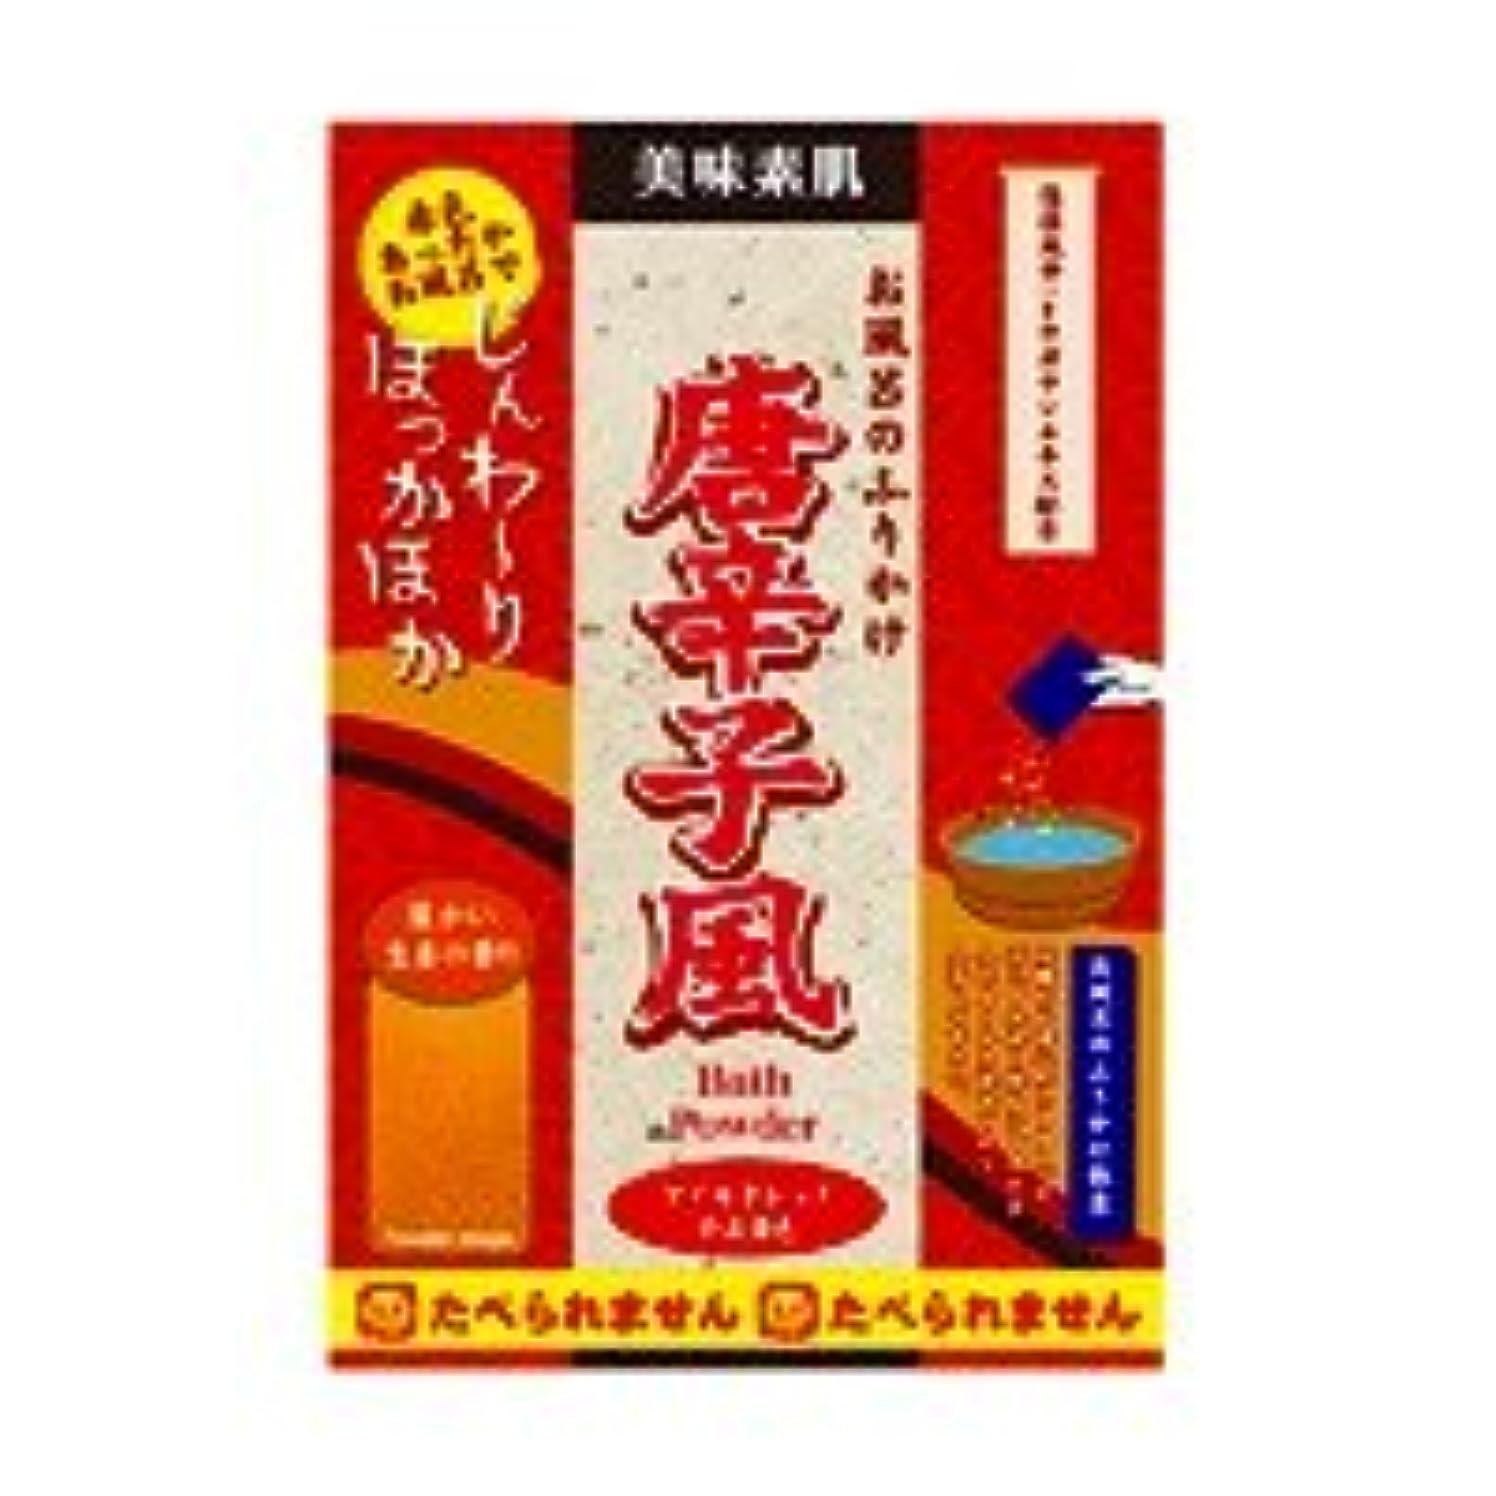 ルーム波紋告白するお風呂のふりかけ「トウガラシ」12個セット マイルドレッドのお湯 温かい生姜の香り